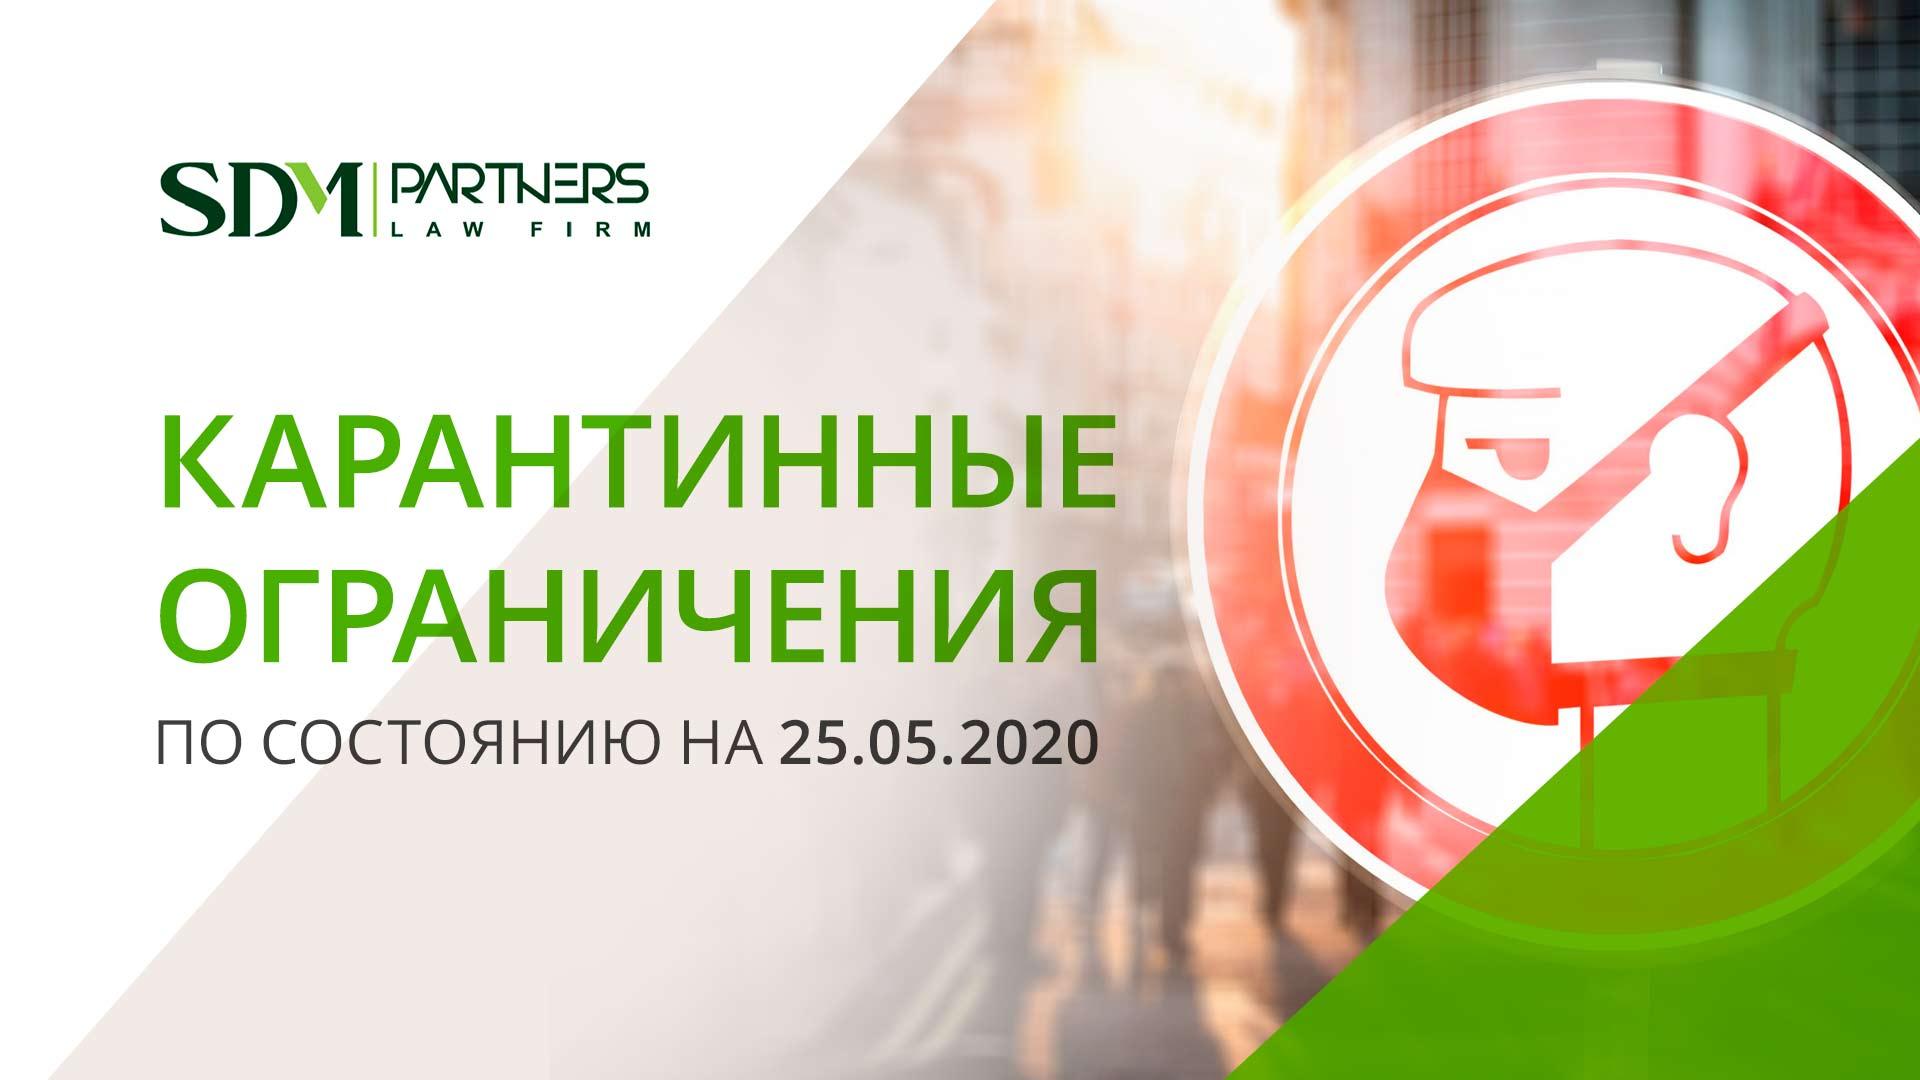 Карантинные ограничения по состоянию на 25.05.2020